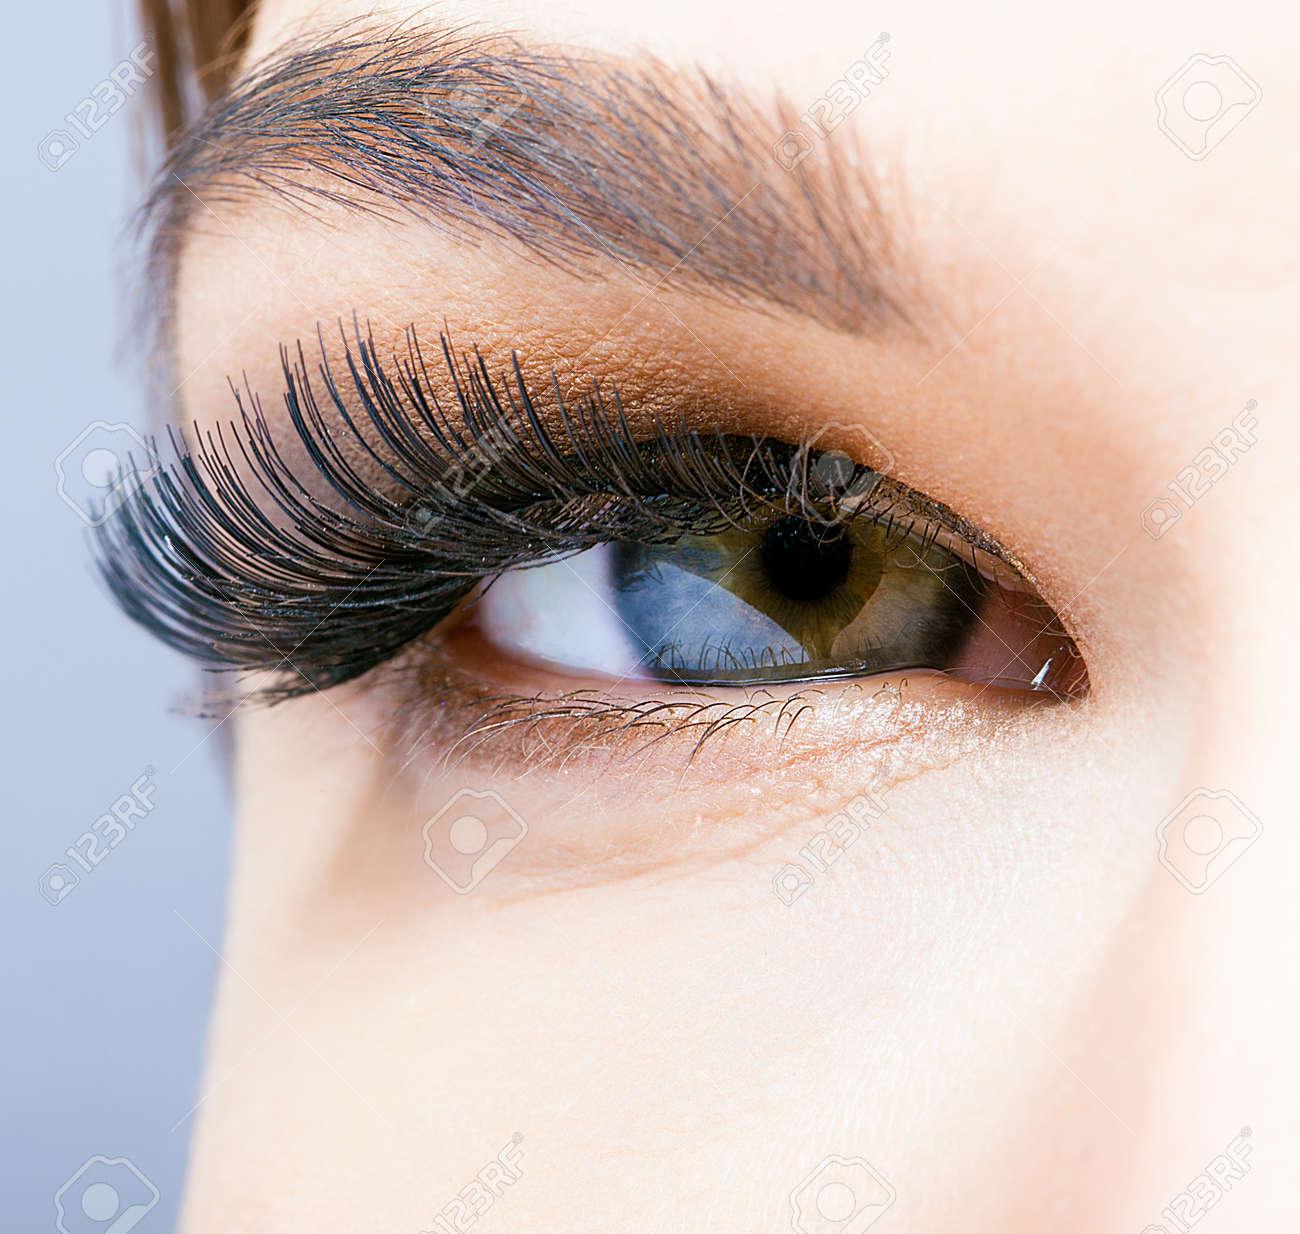 Female eye with long eyelashes closeup shot - 36611827